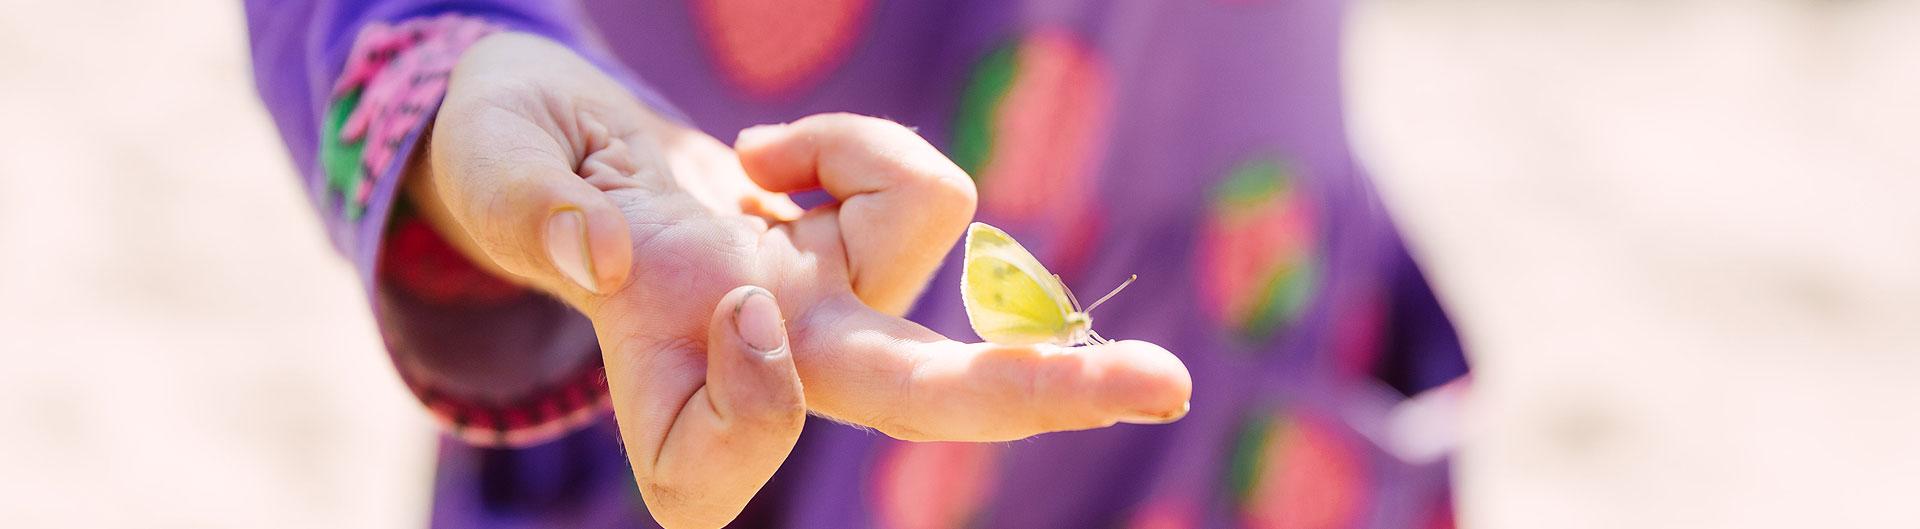 Ein Schmetterling ruht sich auf dem Finger eine Kindes aus.